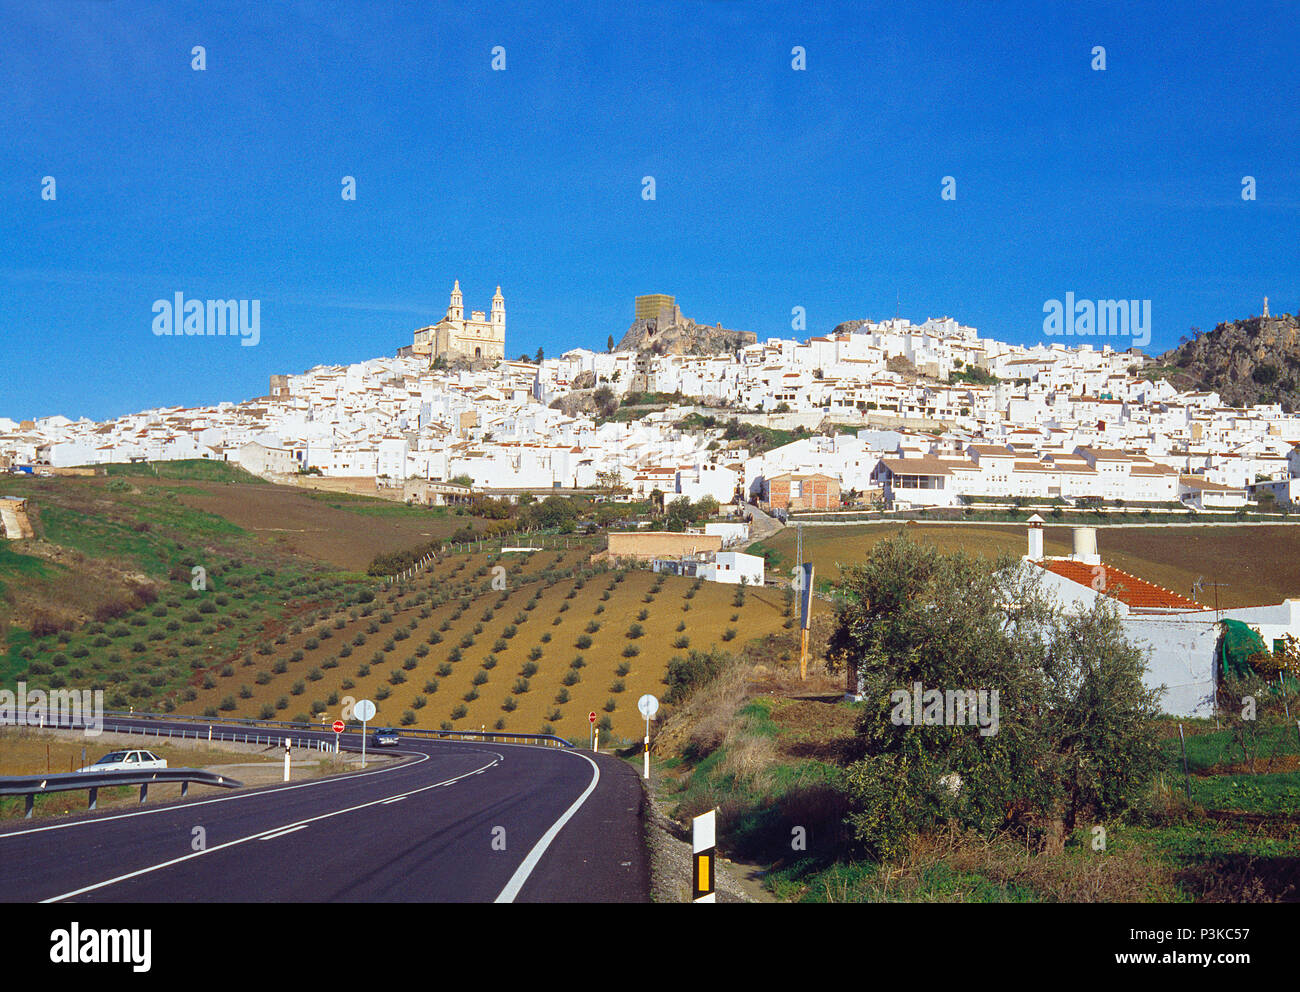 Descripción general. Olvera, provincia de Cádiz, Andalucía, España. Imagen De Stock